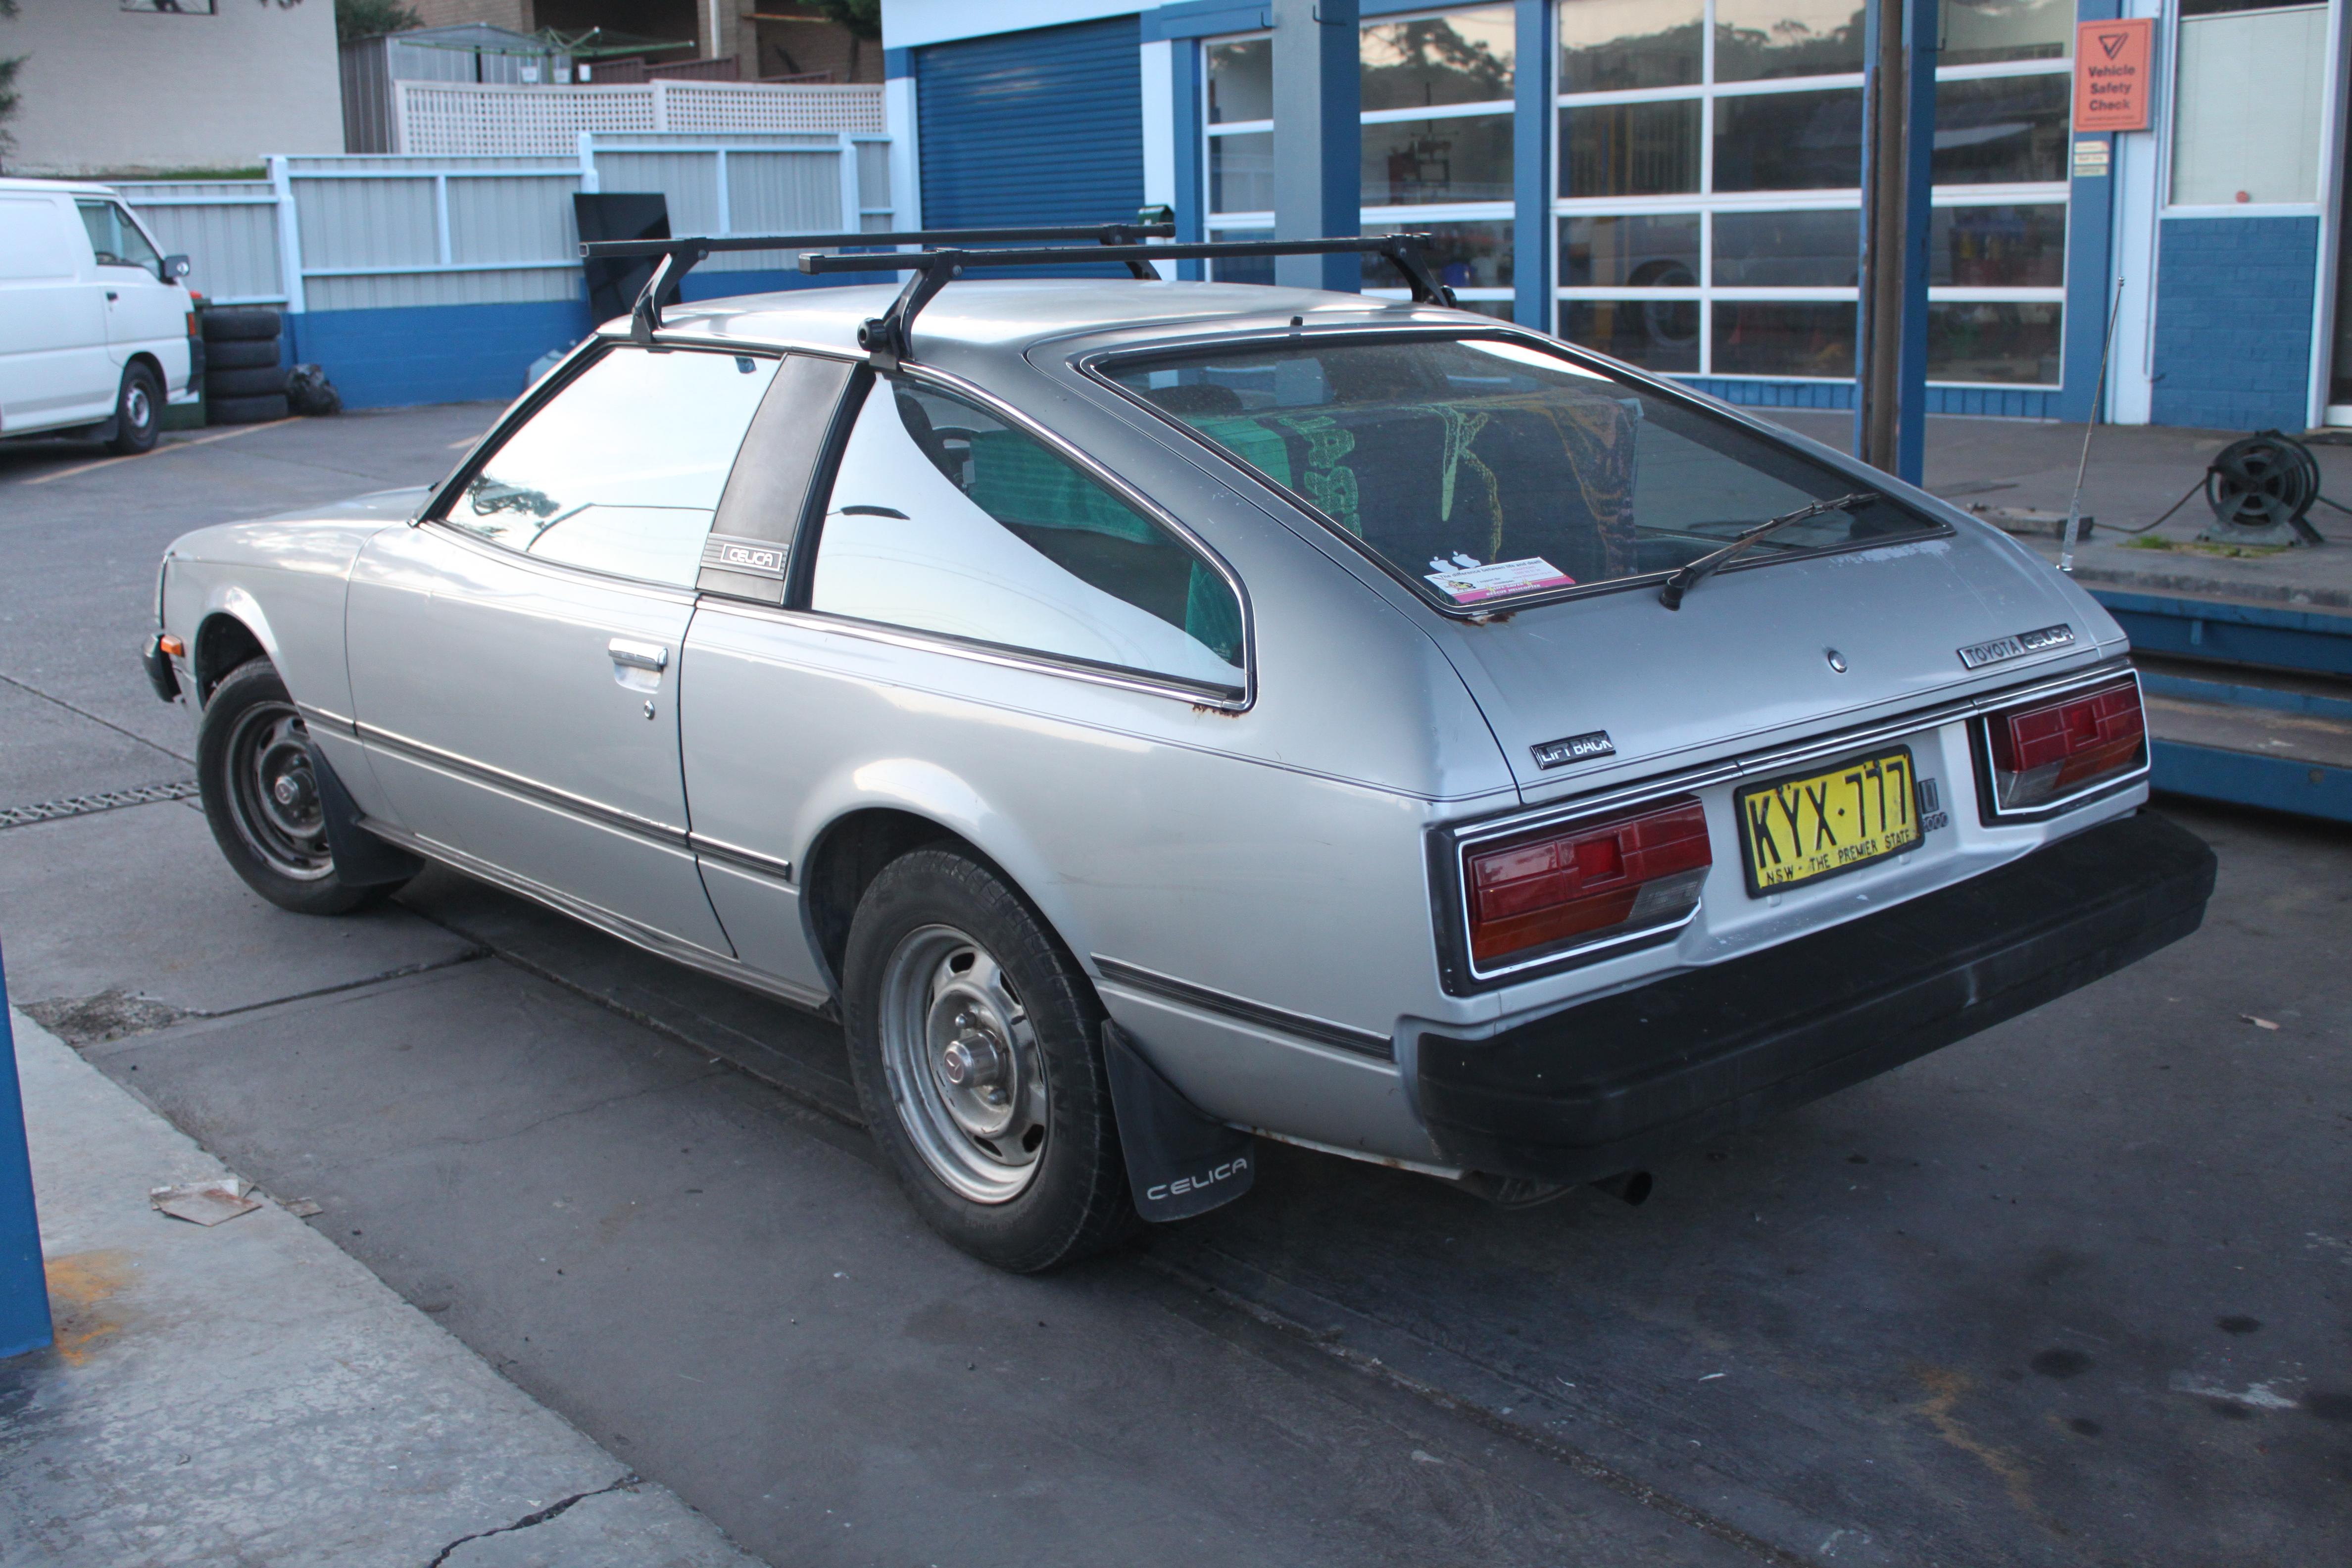 Kelebihan Kekurangan Toyota Celica 1980 Top Model Tahun Ini